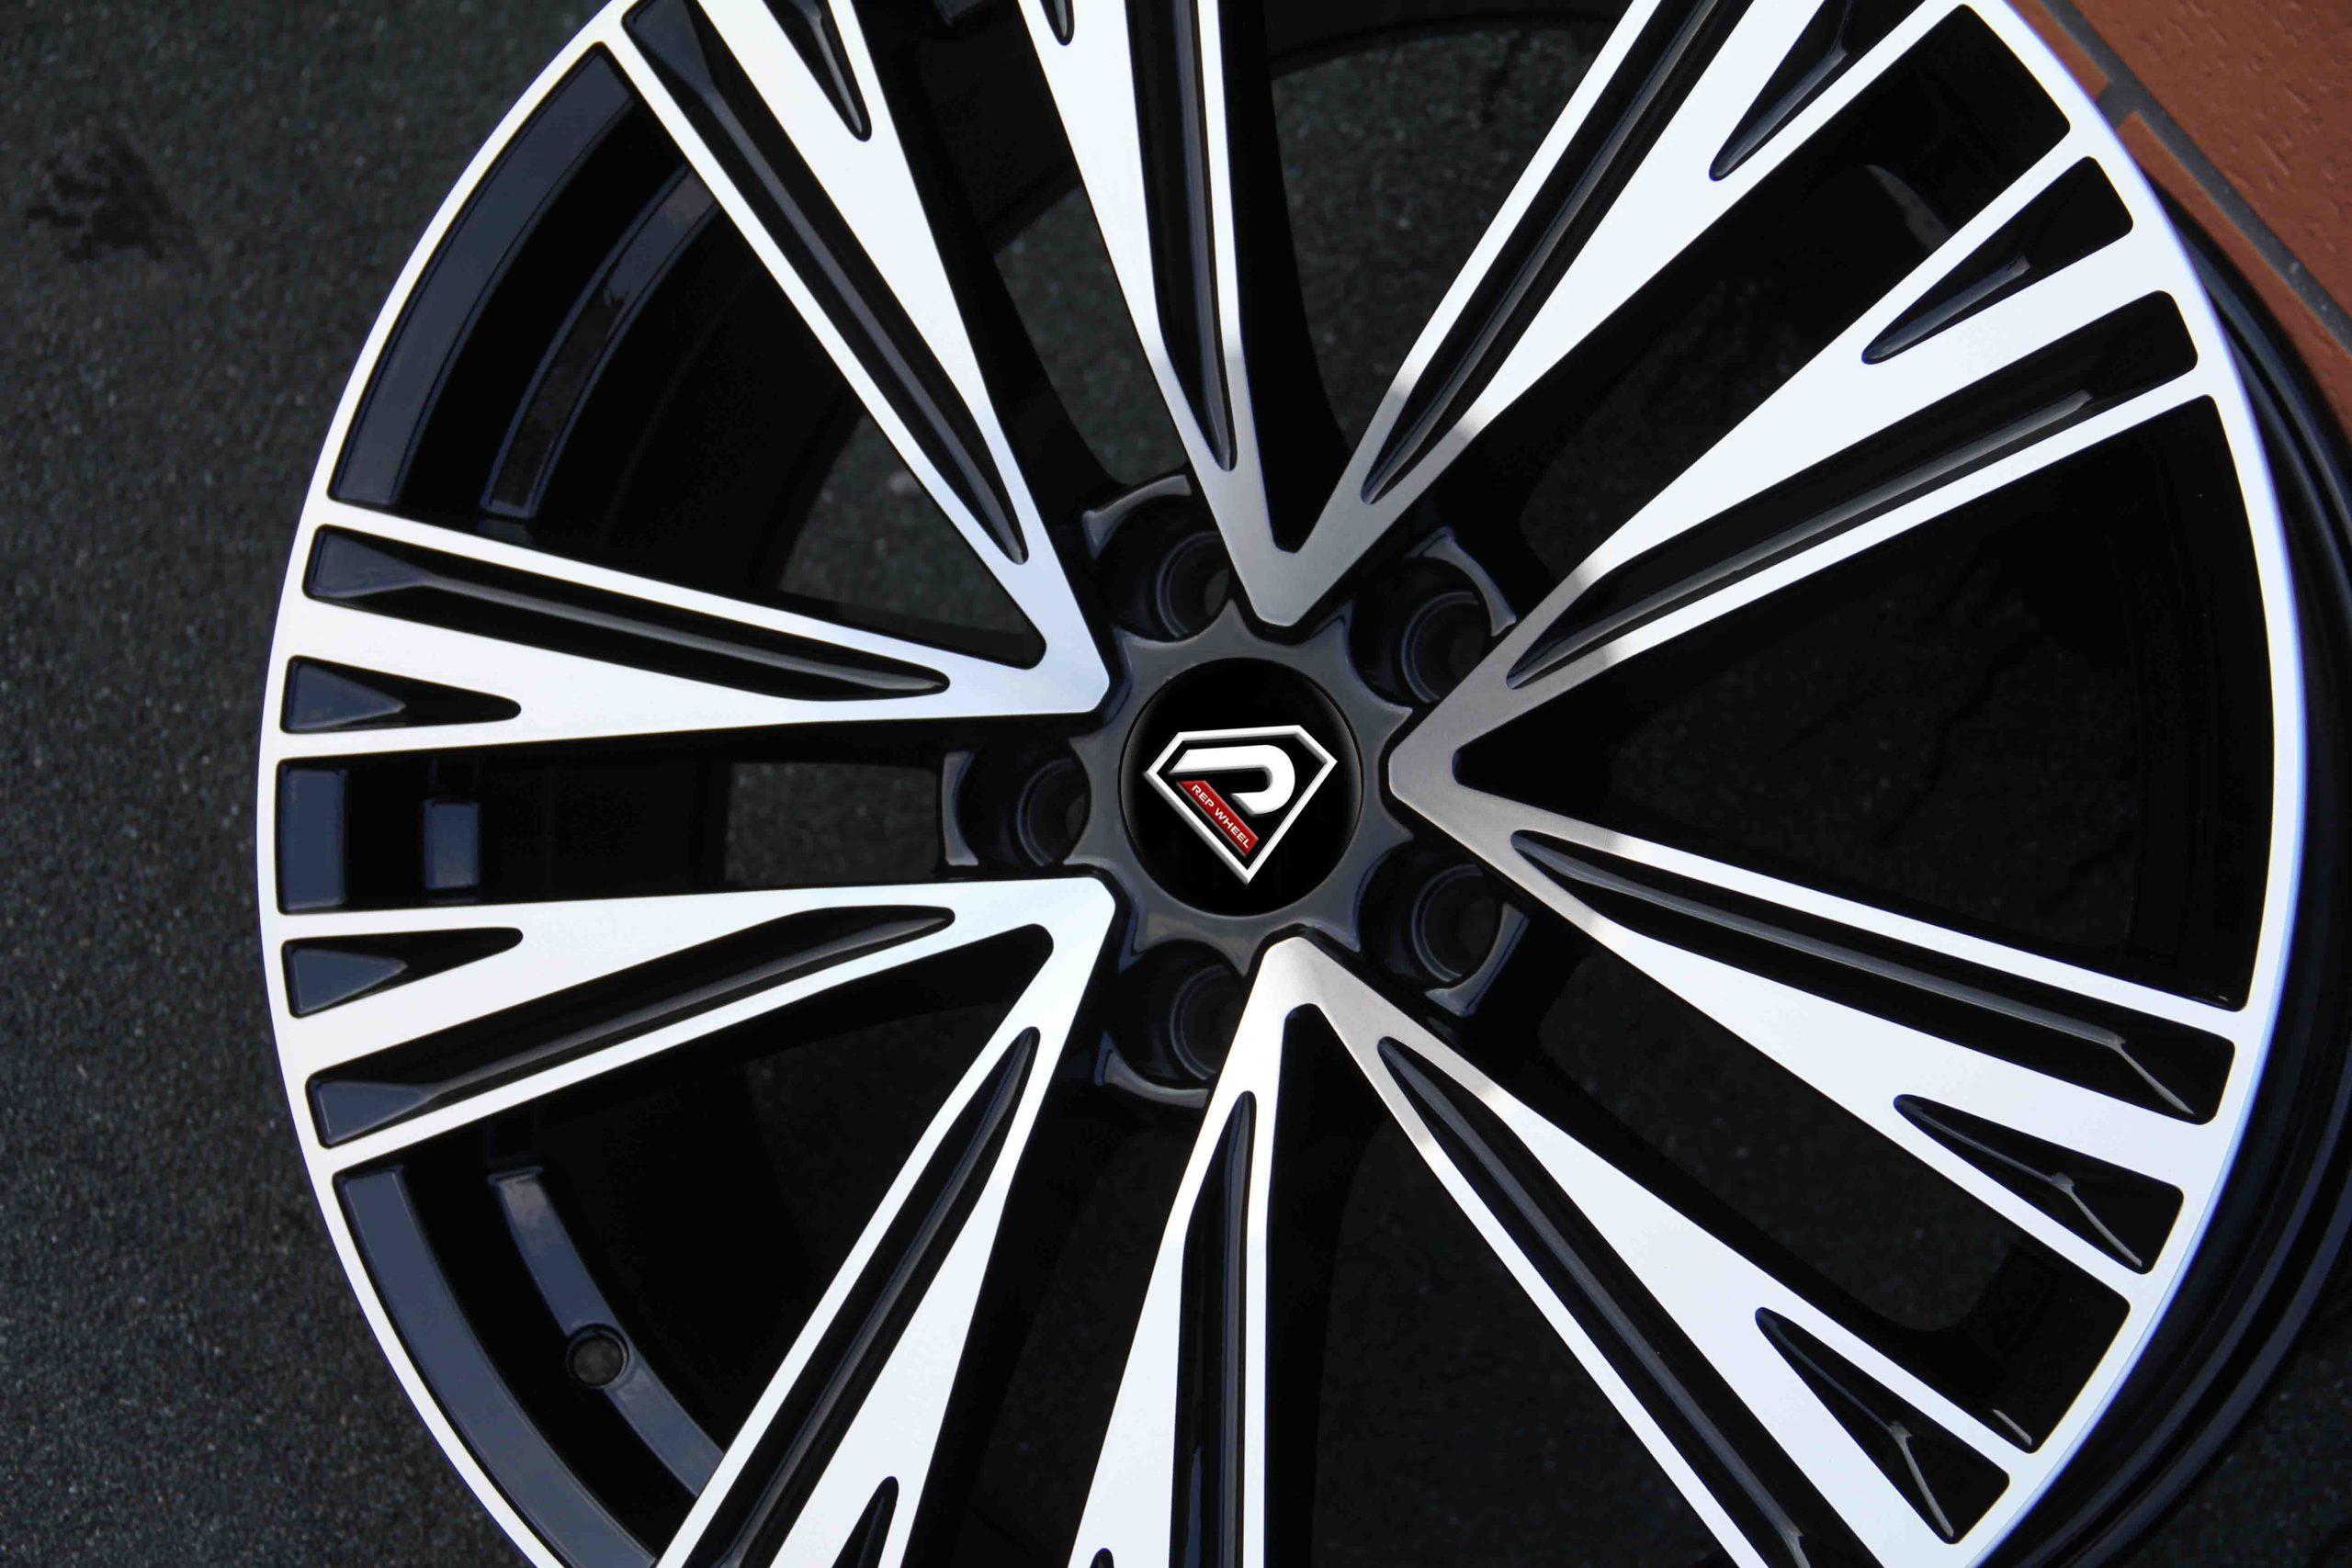 Wheelshome 6103 1819 inch in GMF A6 Alloy wheels IN DETAIL